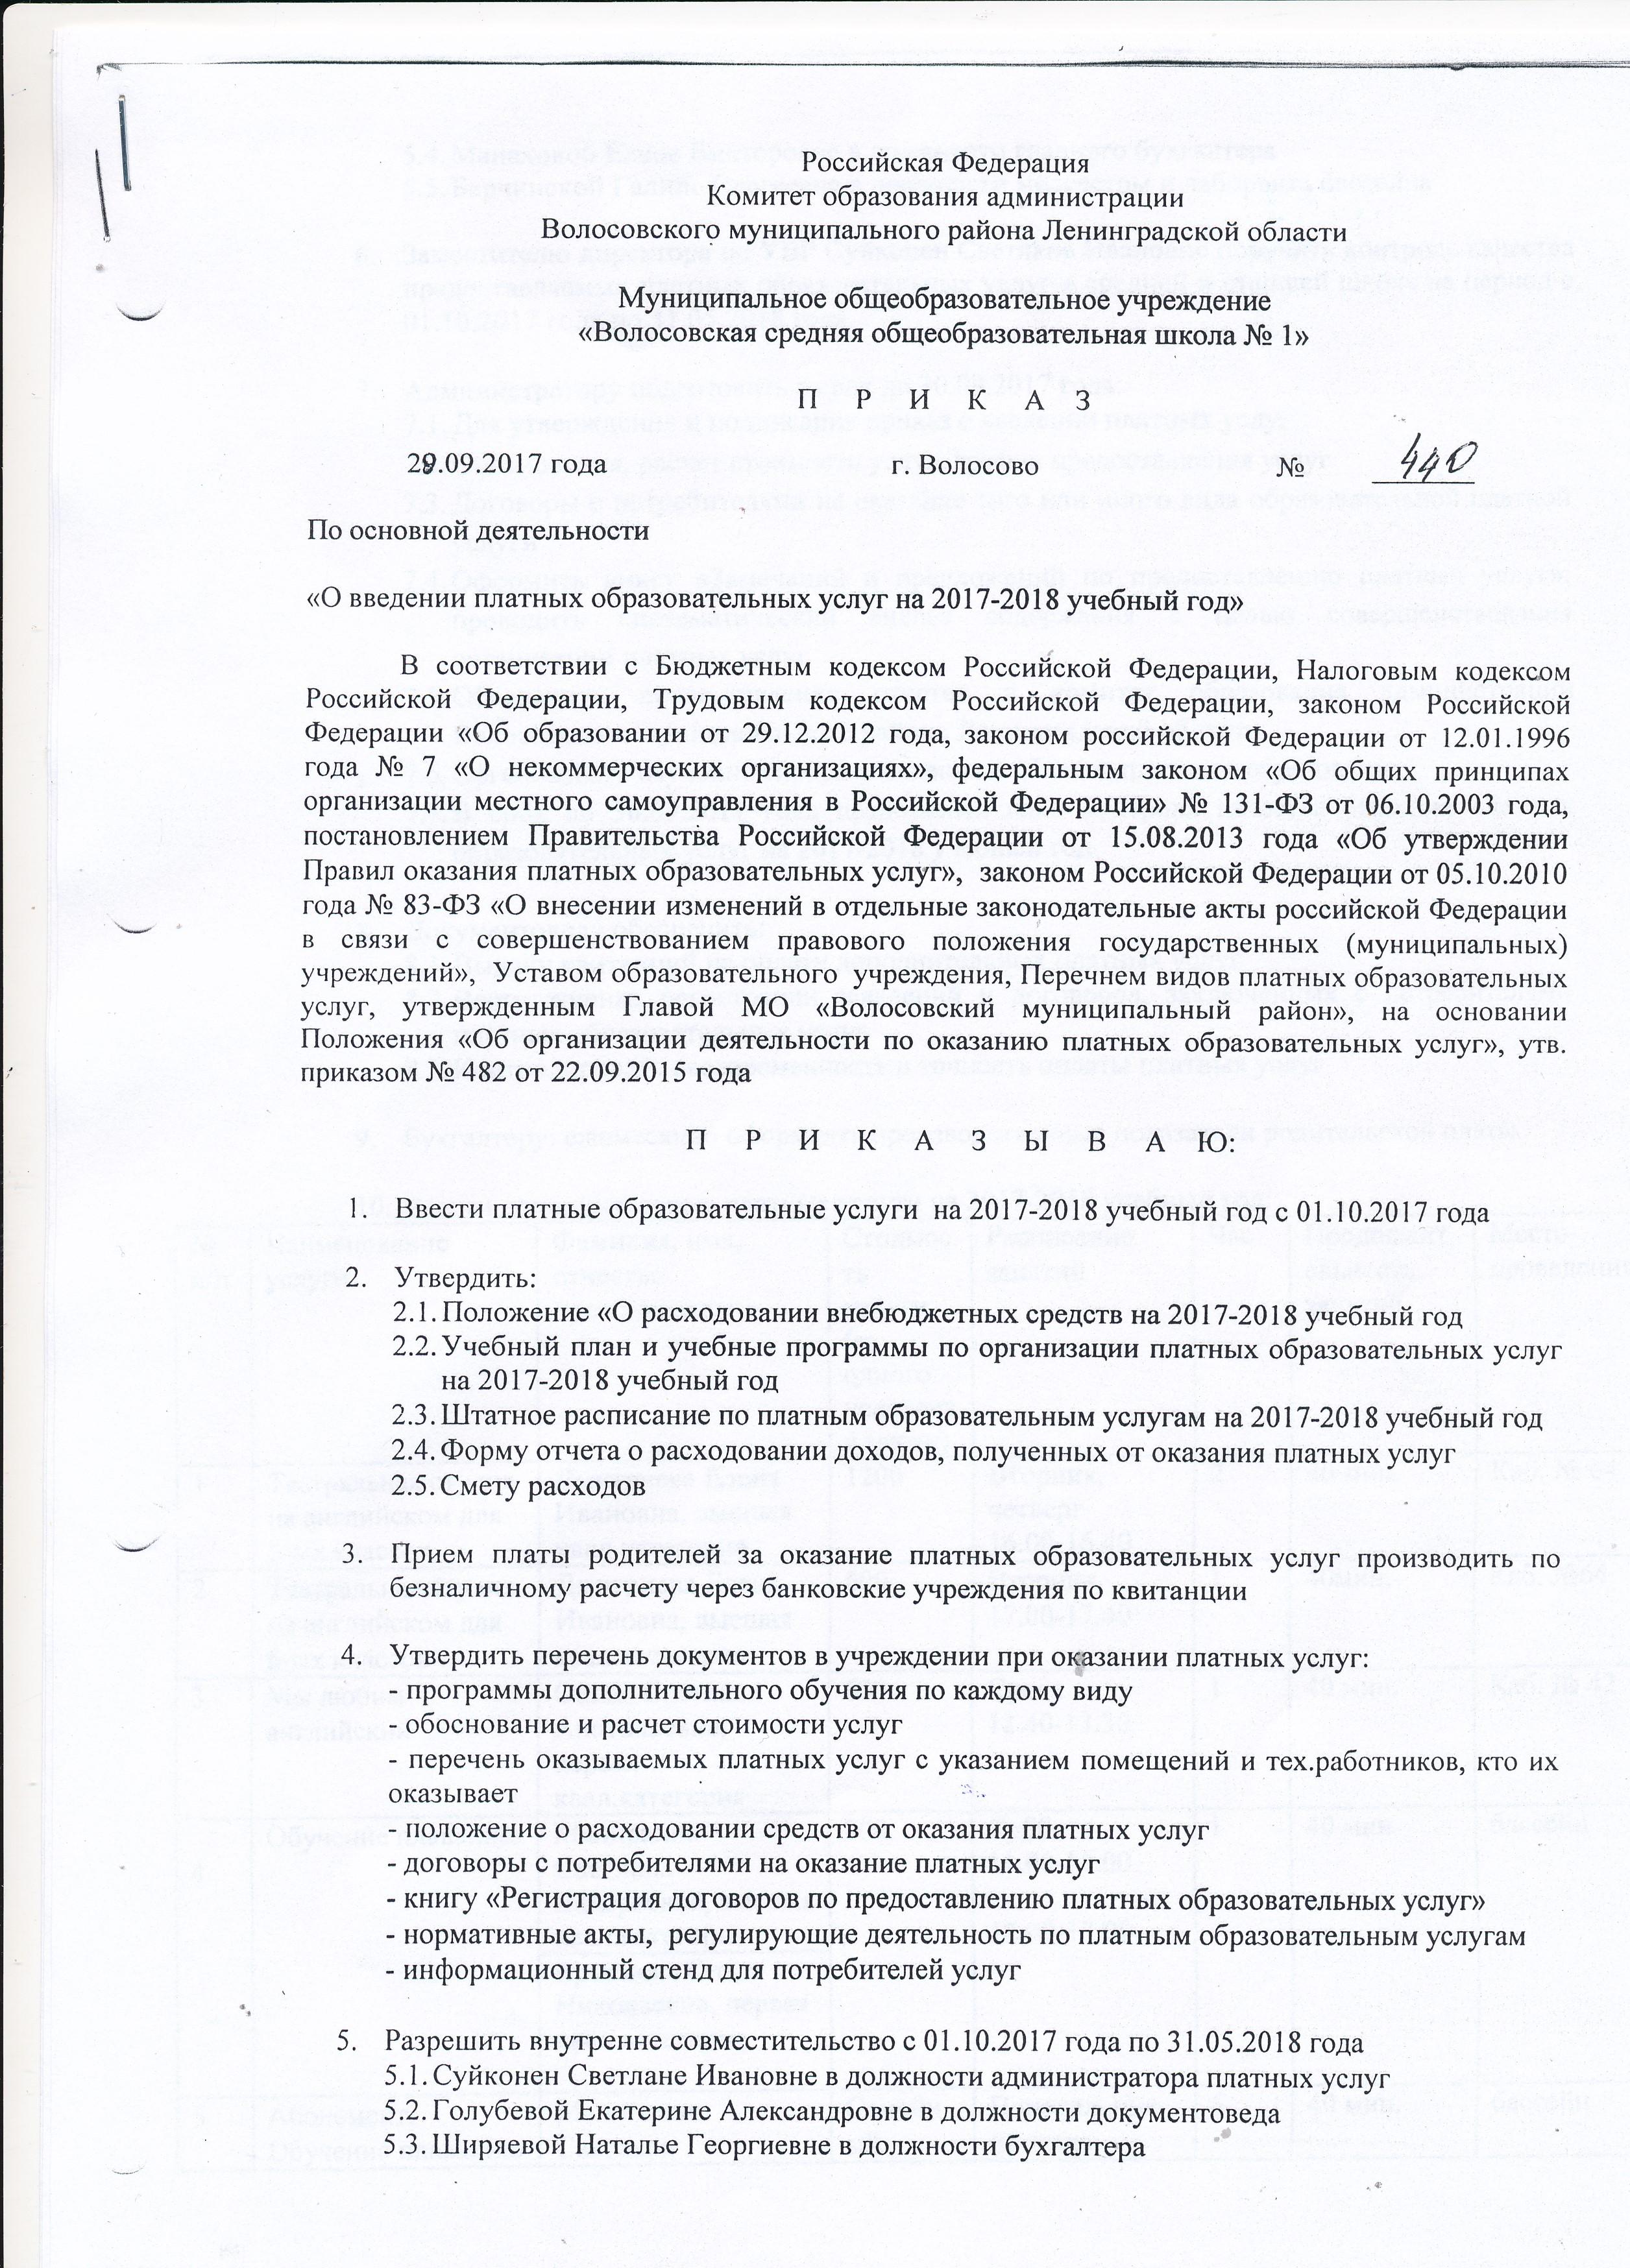 должностные инструкции документоведа в образовательном учреждении